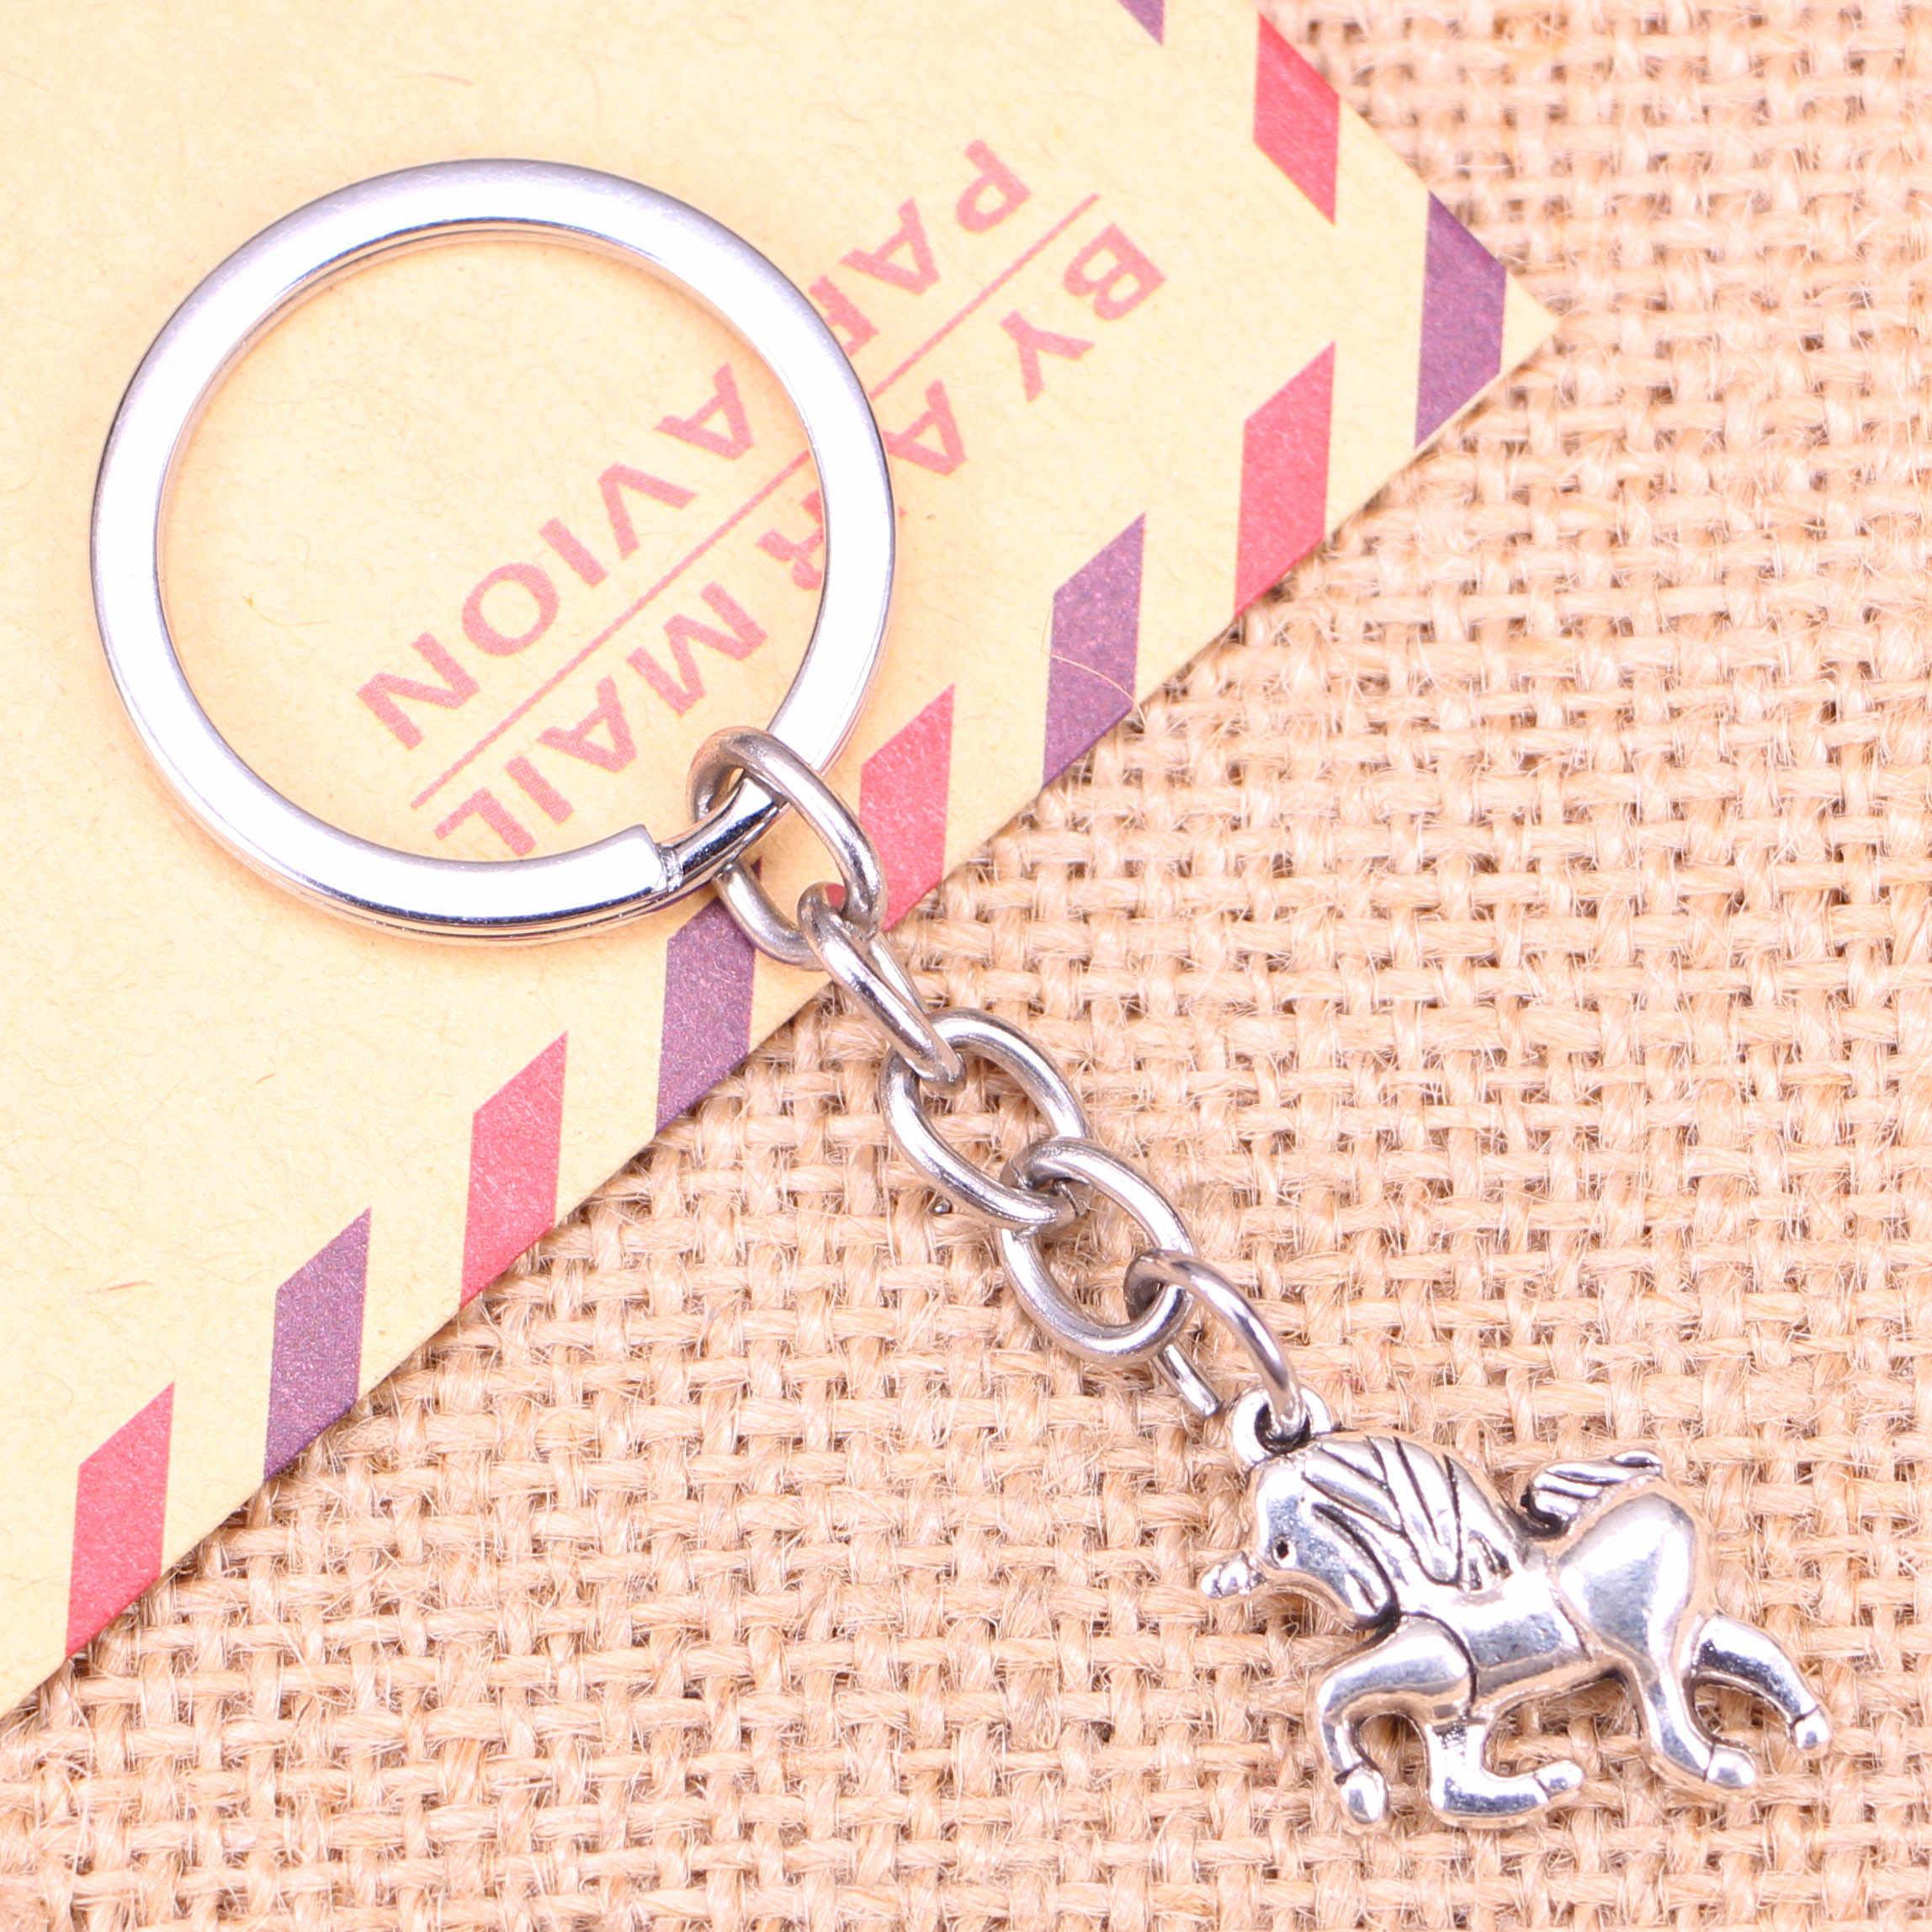 20 قطعة جديد أزياء المفاتيح 19x16 مللي متر الحصان يونيكورن المعلقات DIY الرجال مجوهرات سيارة مفتاح سلسلة حلقة حامل تذكارية ل هدية